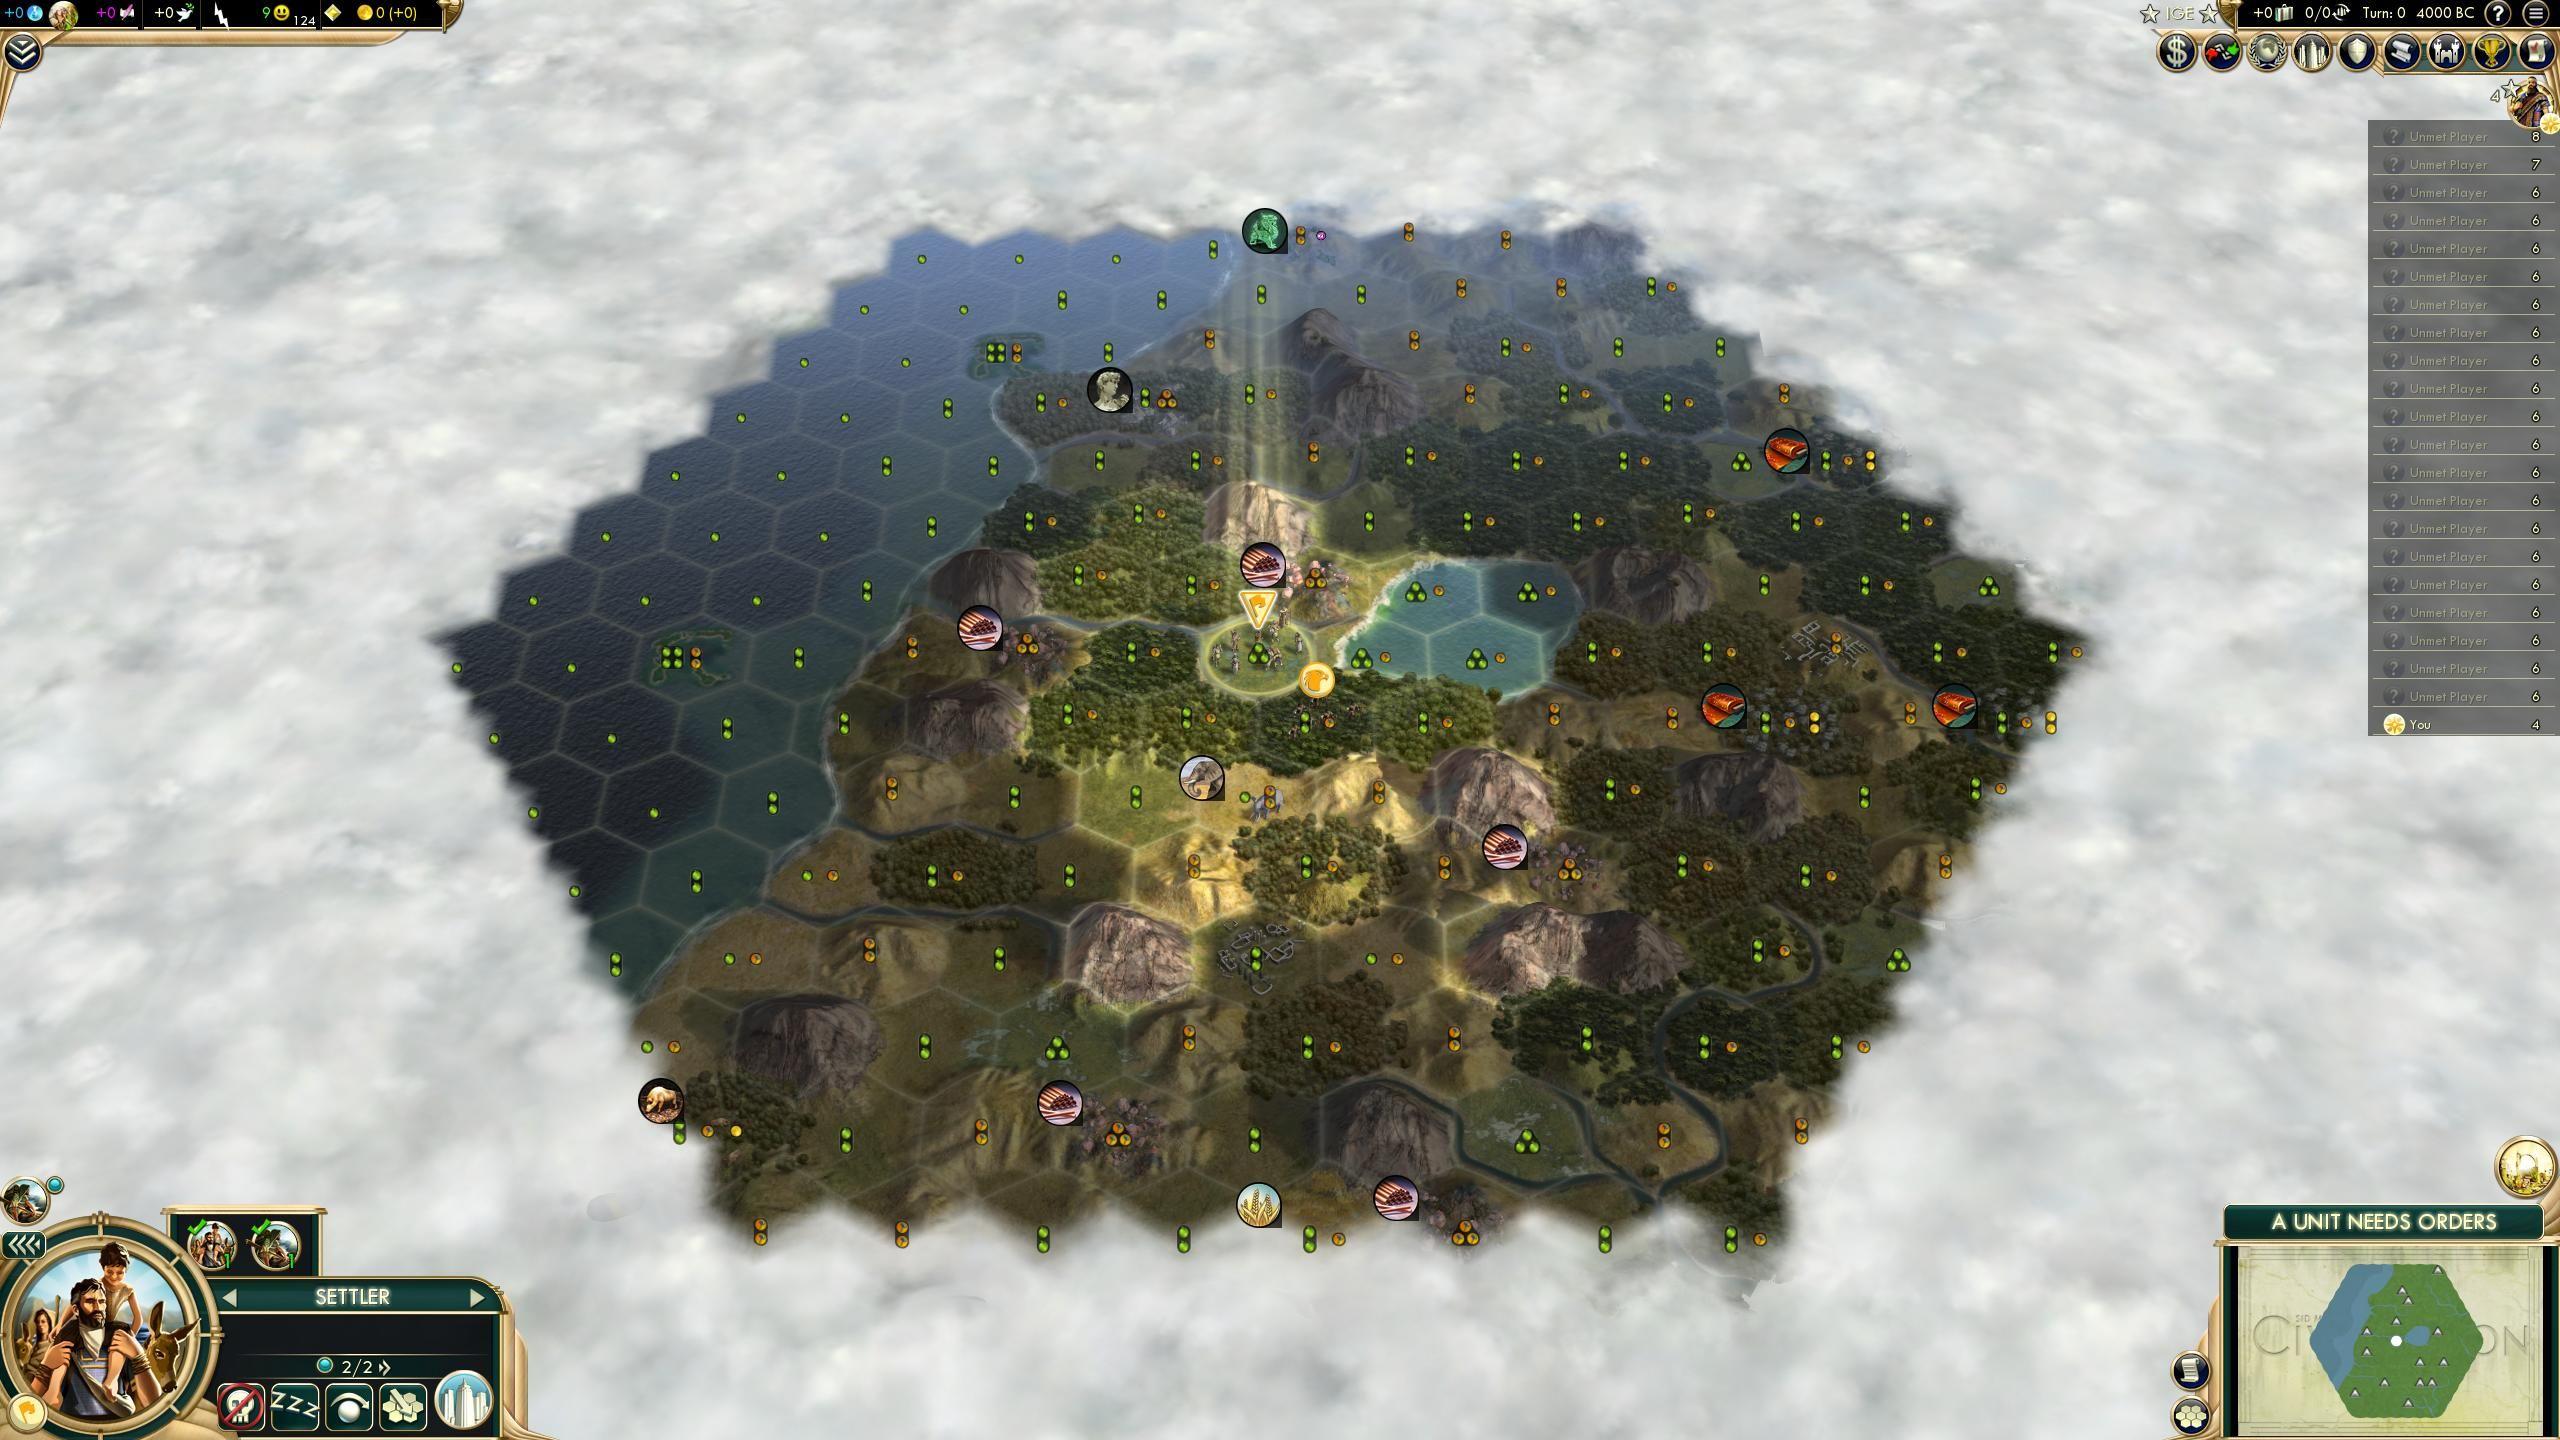 Where do I settle? (vox populi immortal)